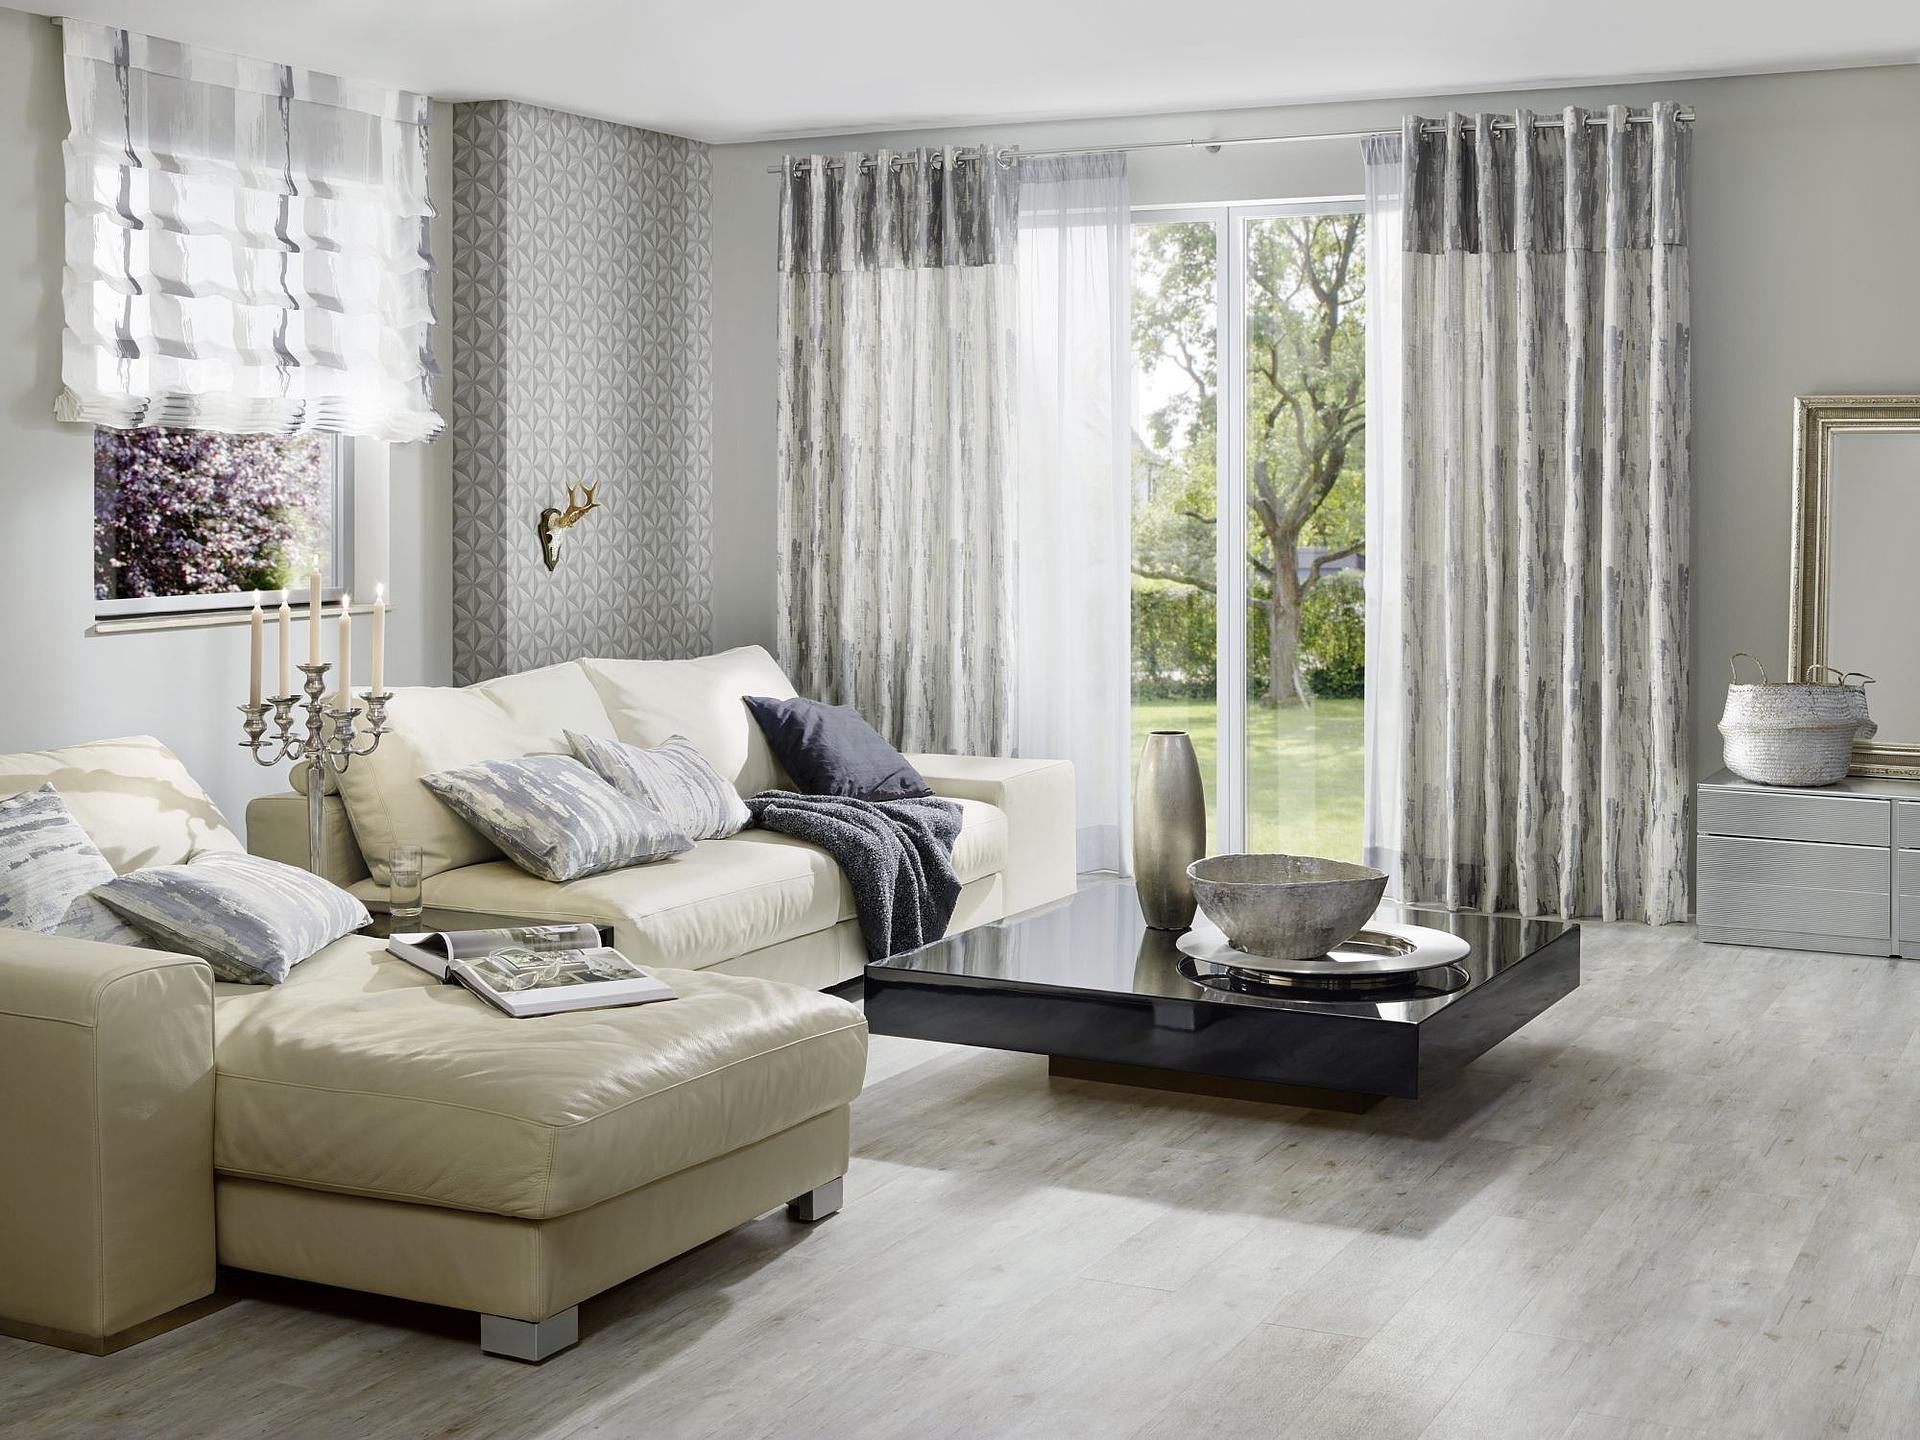 schallschutz vorhang schlafzimmer w rmeklassen bettdecken deko beispiele schlafzimmer antike. Black Bedroom Furniture Sets. Home Design Ideas